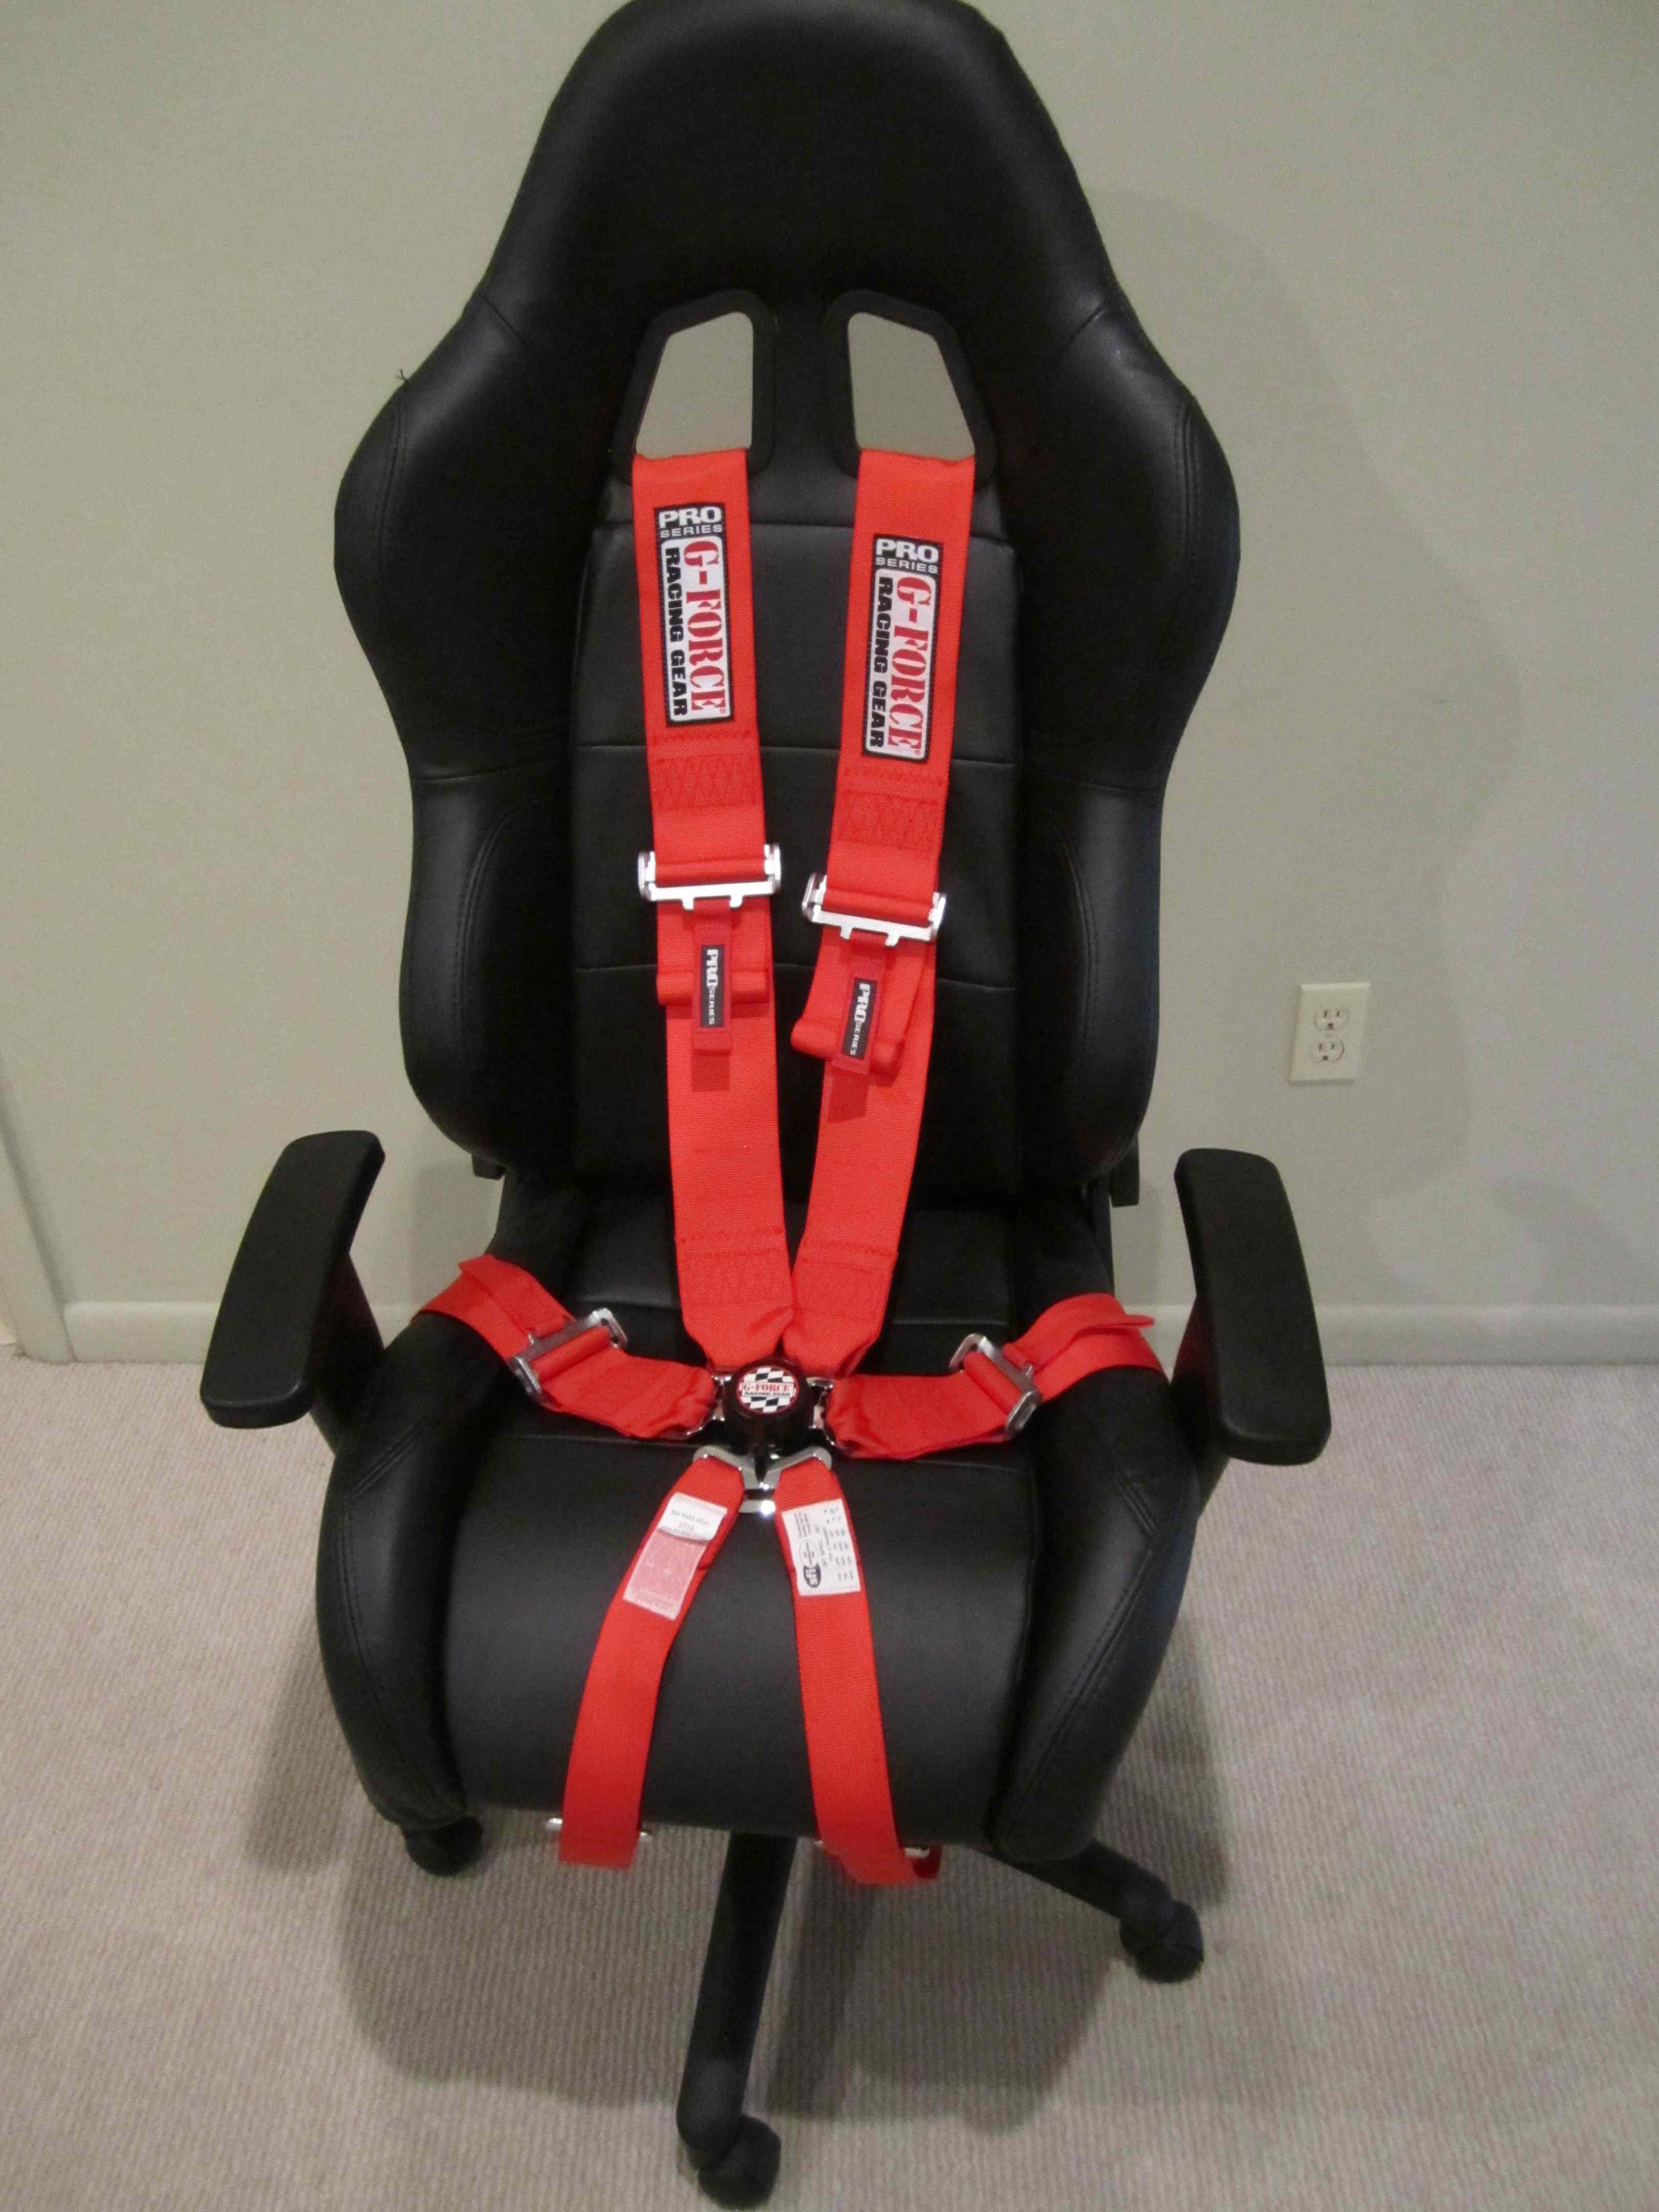 chair bondage Jacketed